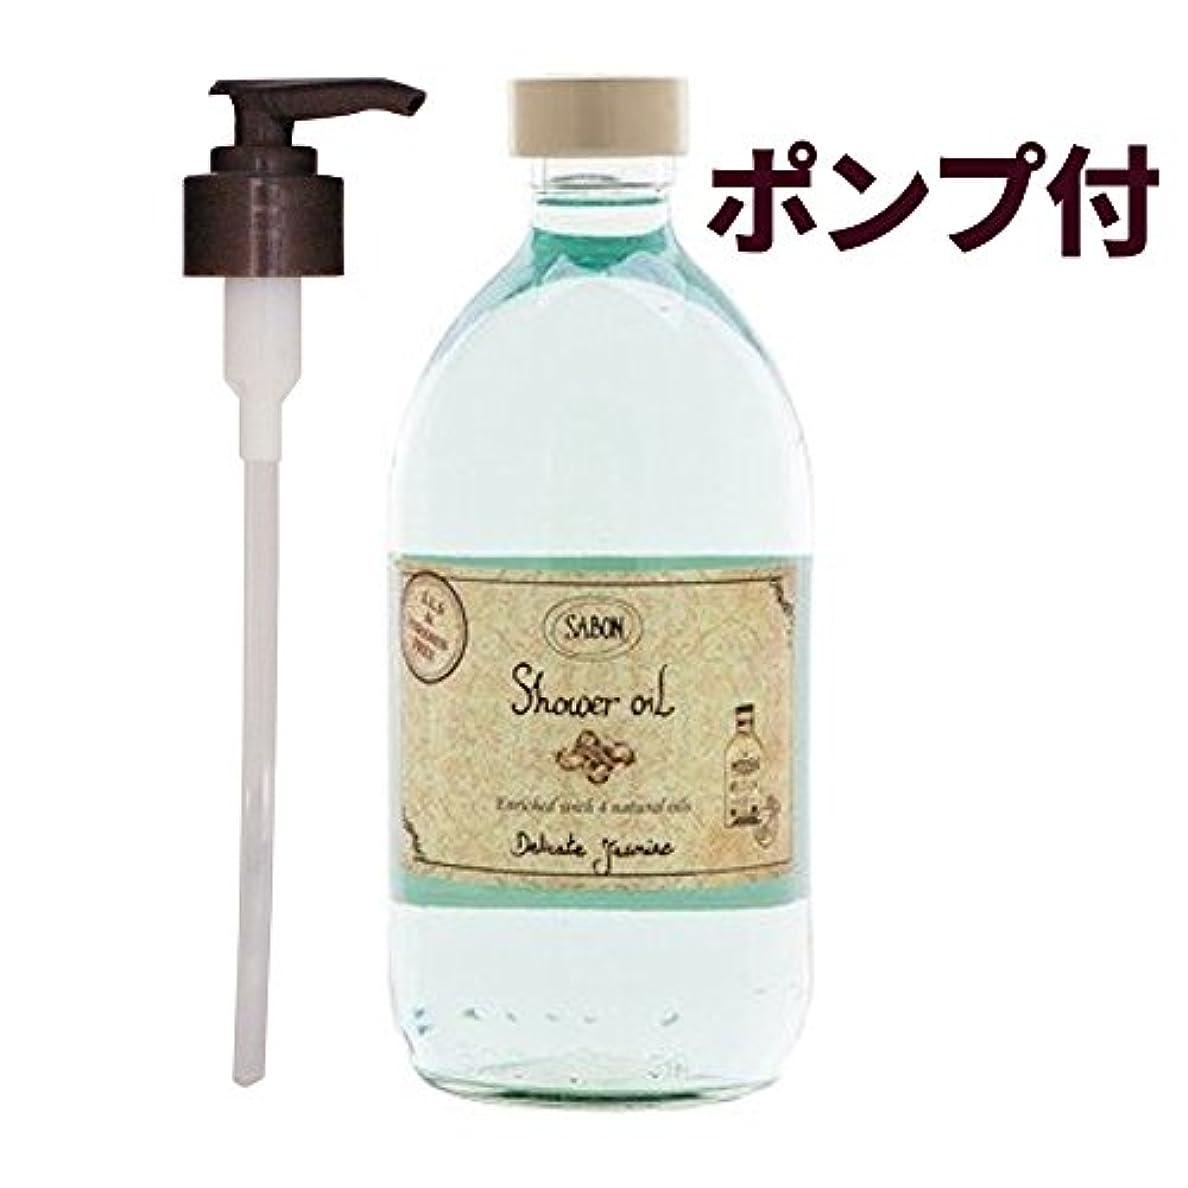 薄汚い実際に調和サボン シャワーオイル デリケートジャスミン500ml(並行輸入品)